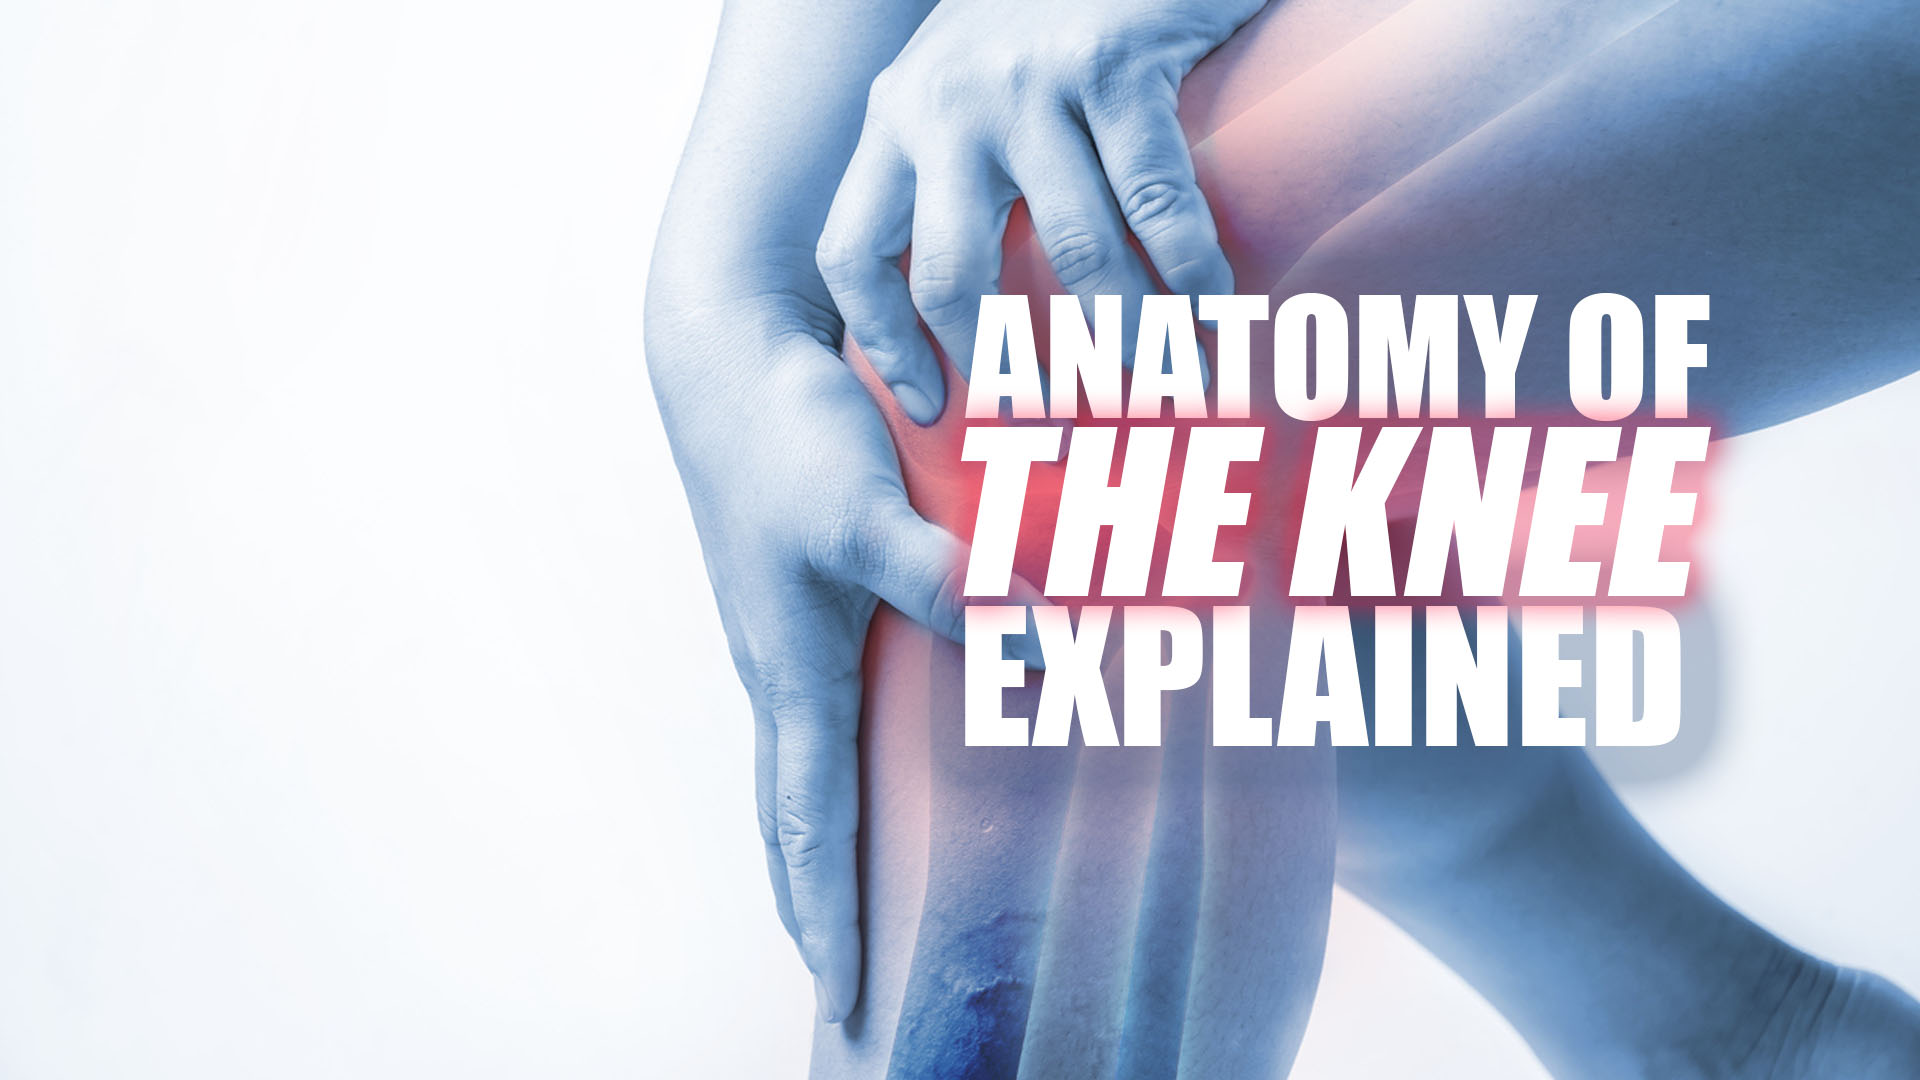 Mikor jeleznek komolyabb bajt az ízületi fájdalmak?